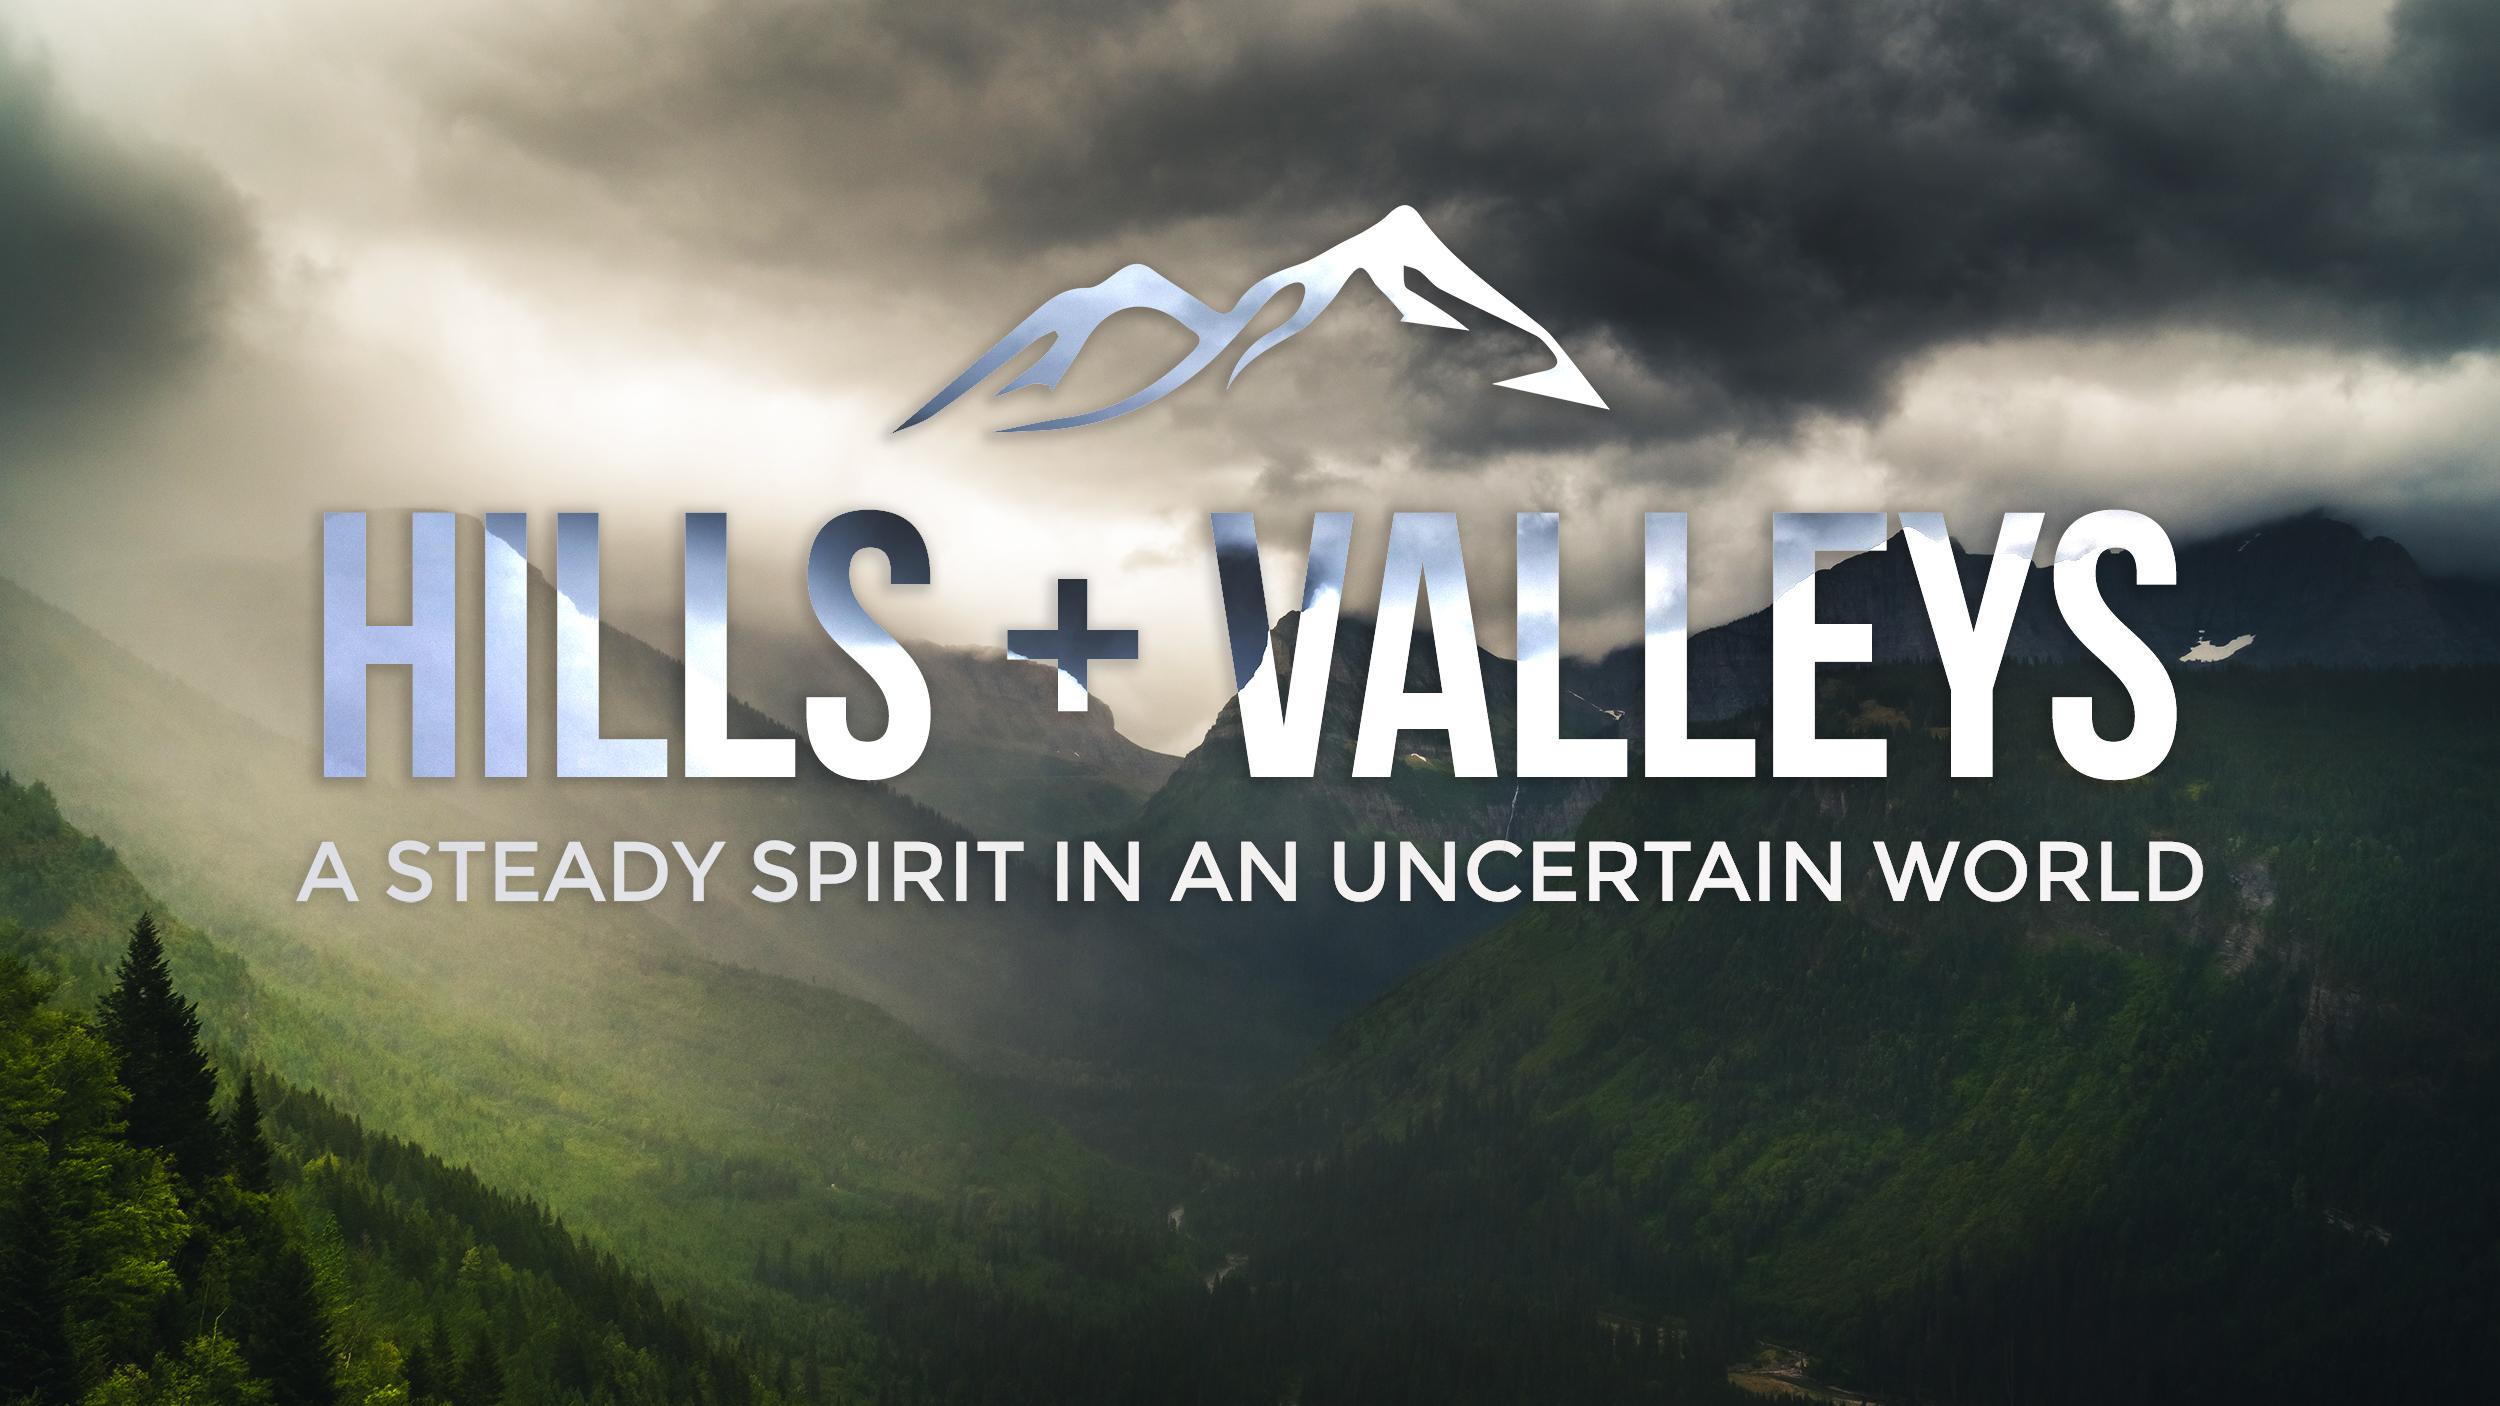 Hills + Valley 16x9 (fcp1).jpg